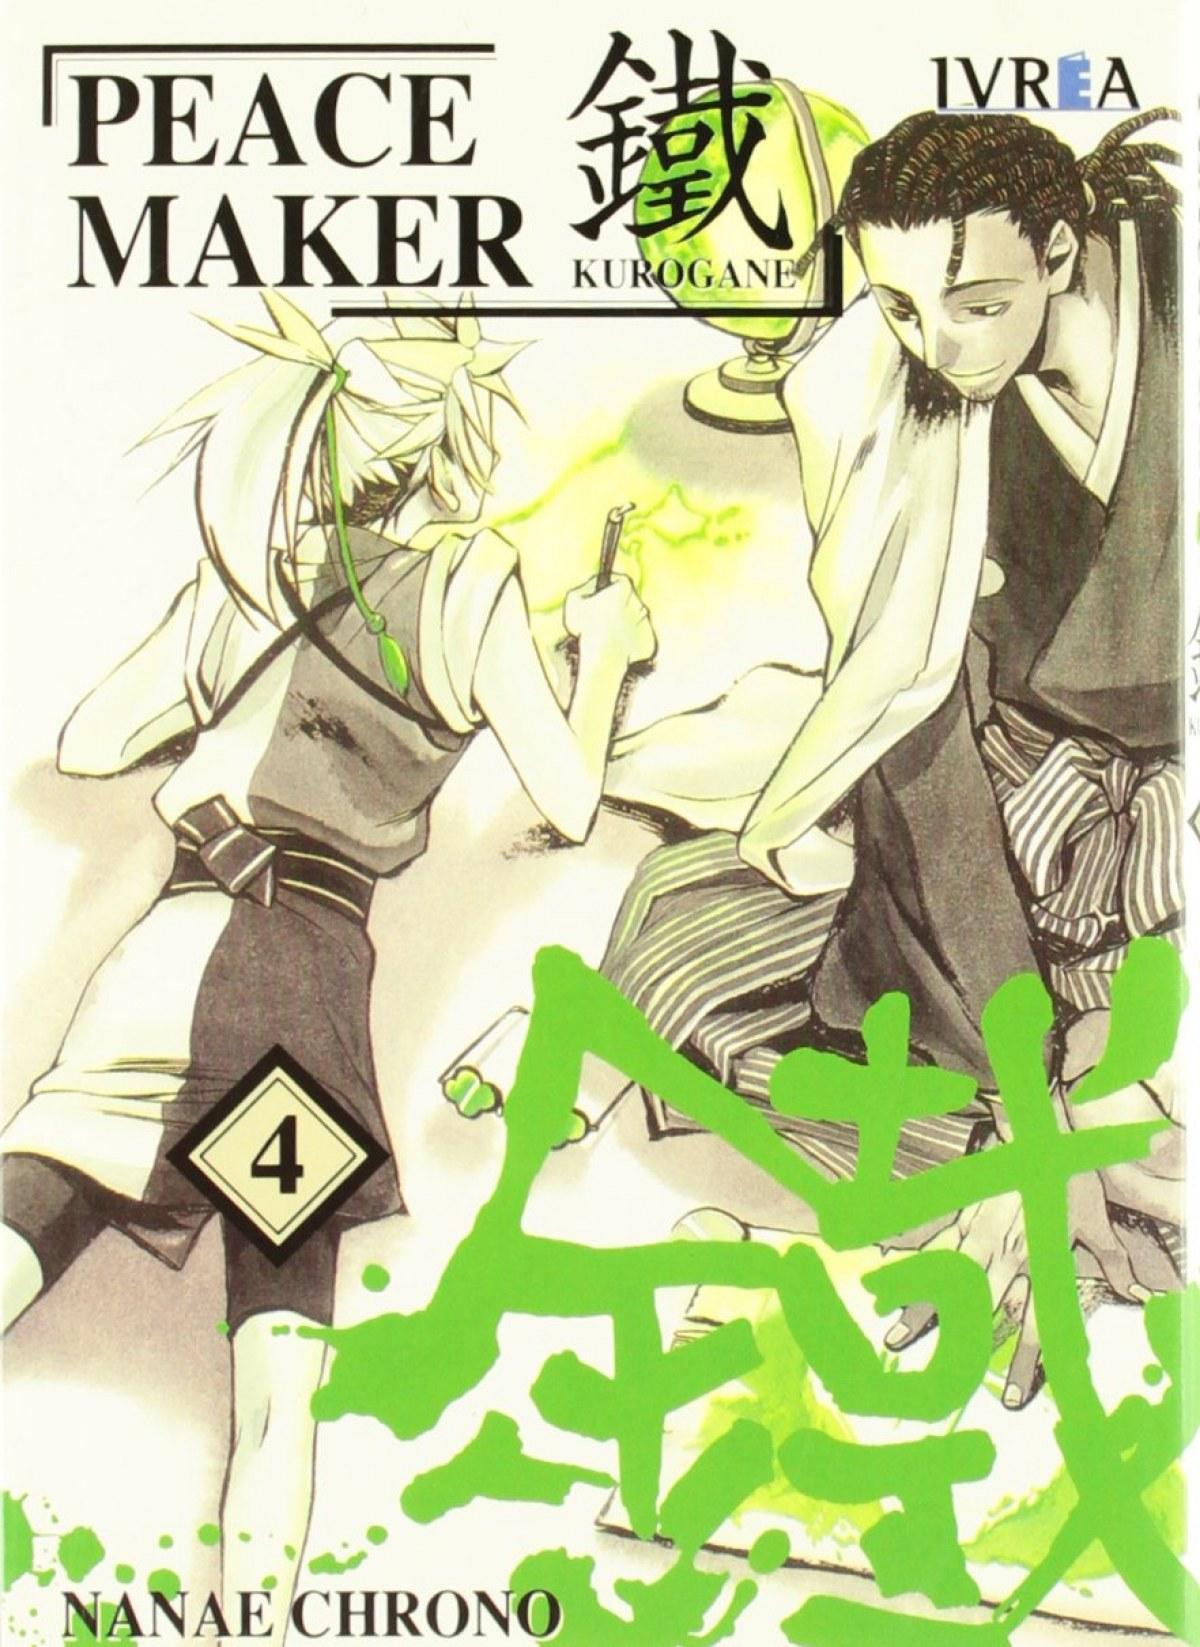 Peace Maker Kurogane, 4 - Chrono, Nanae